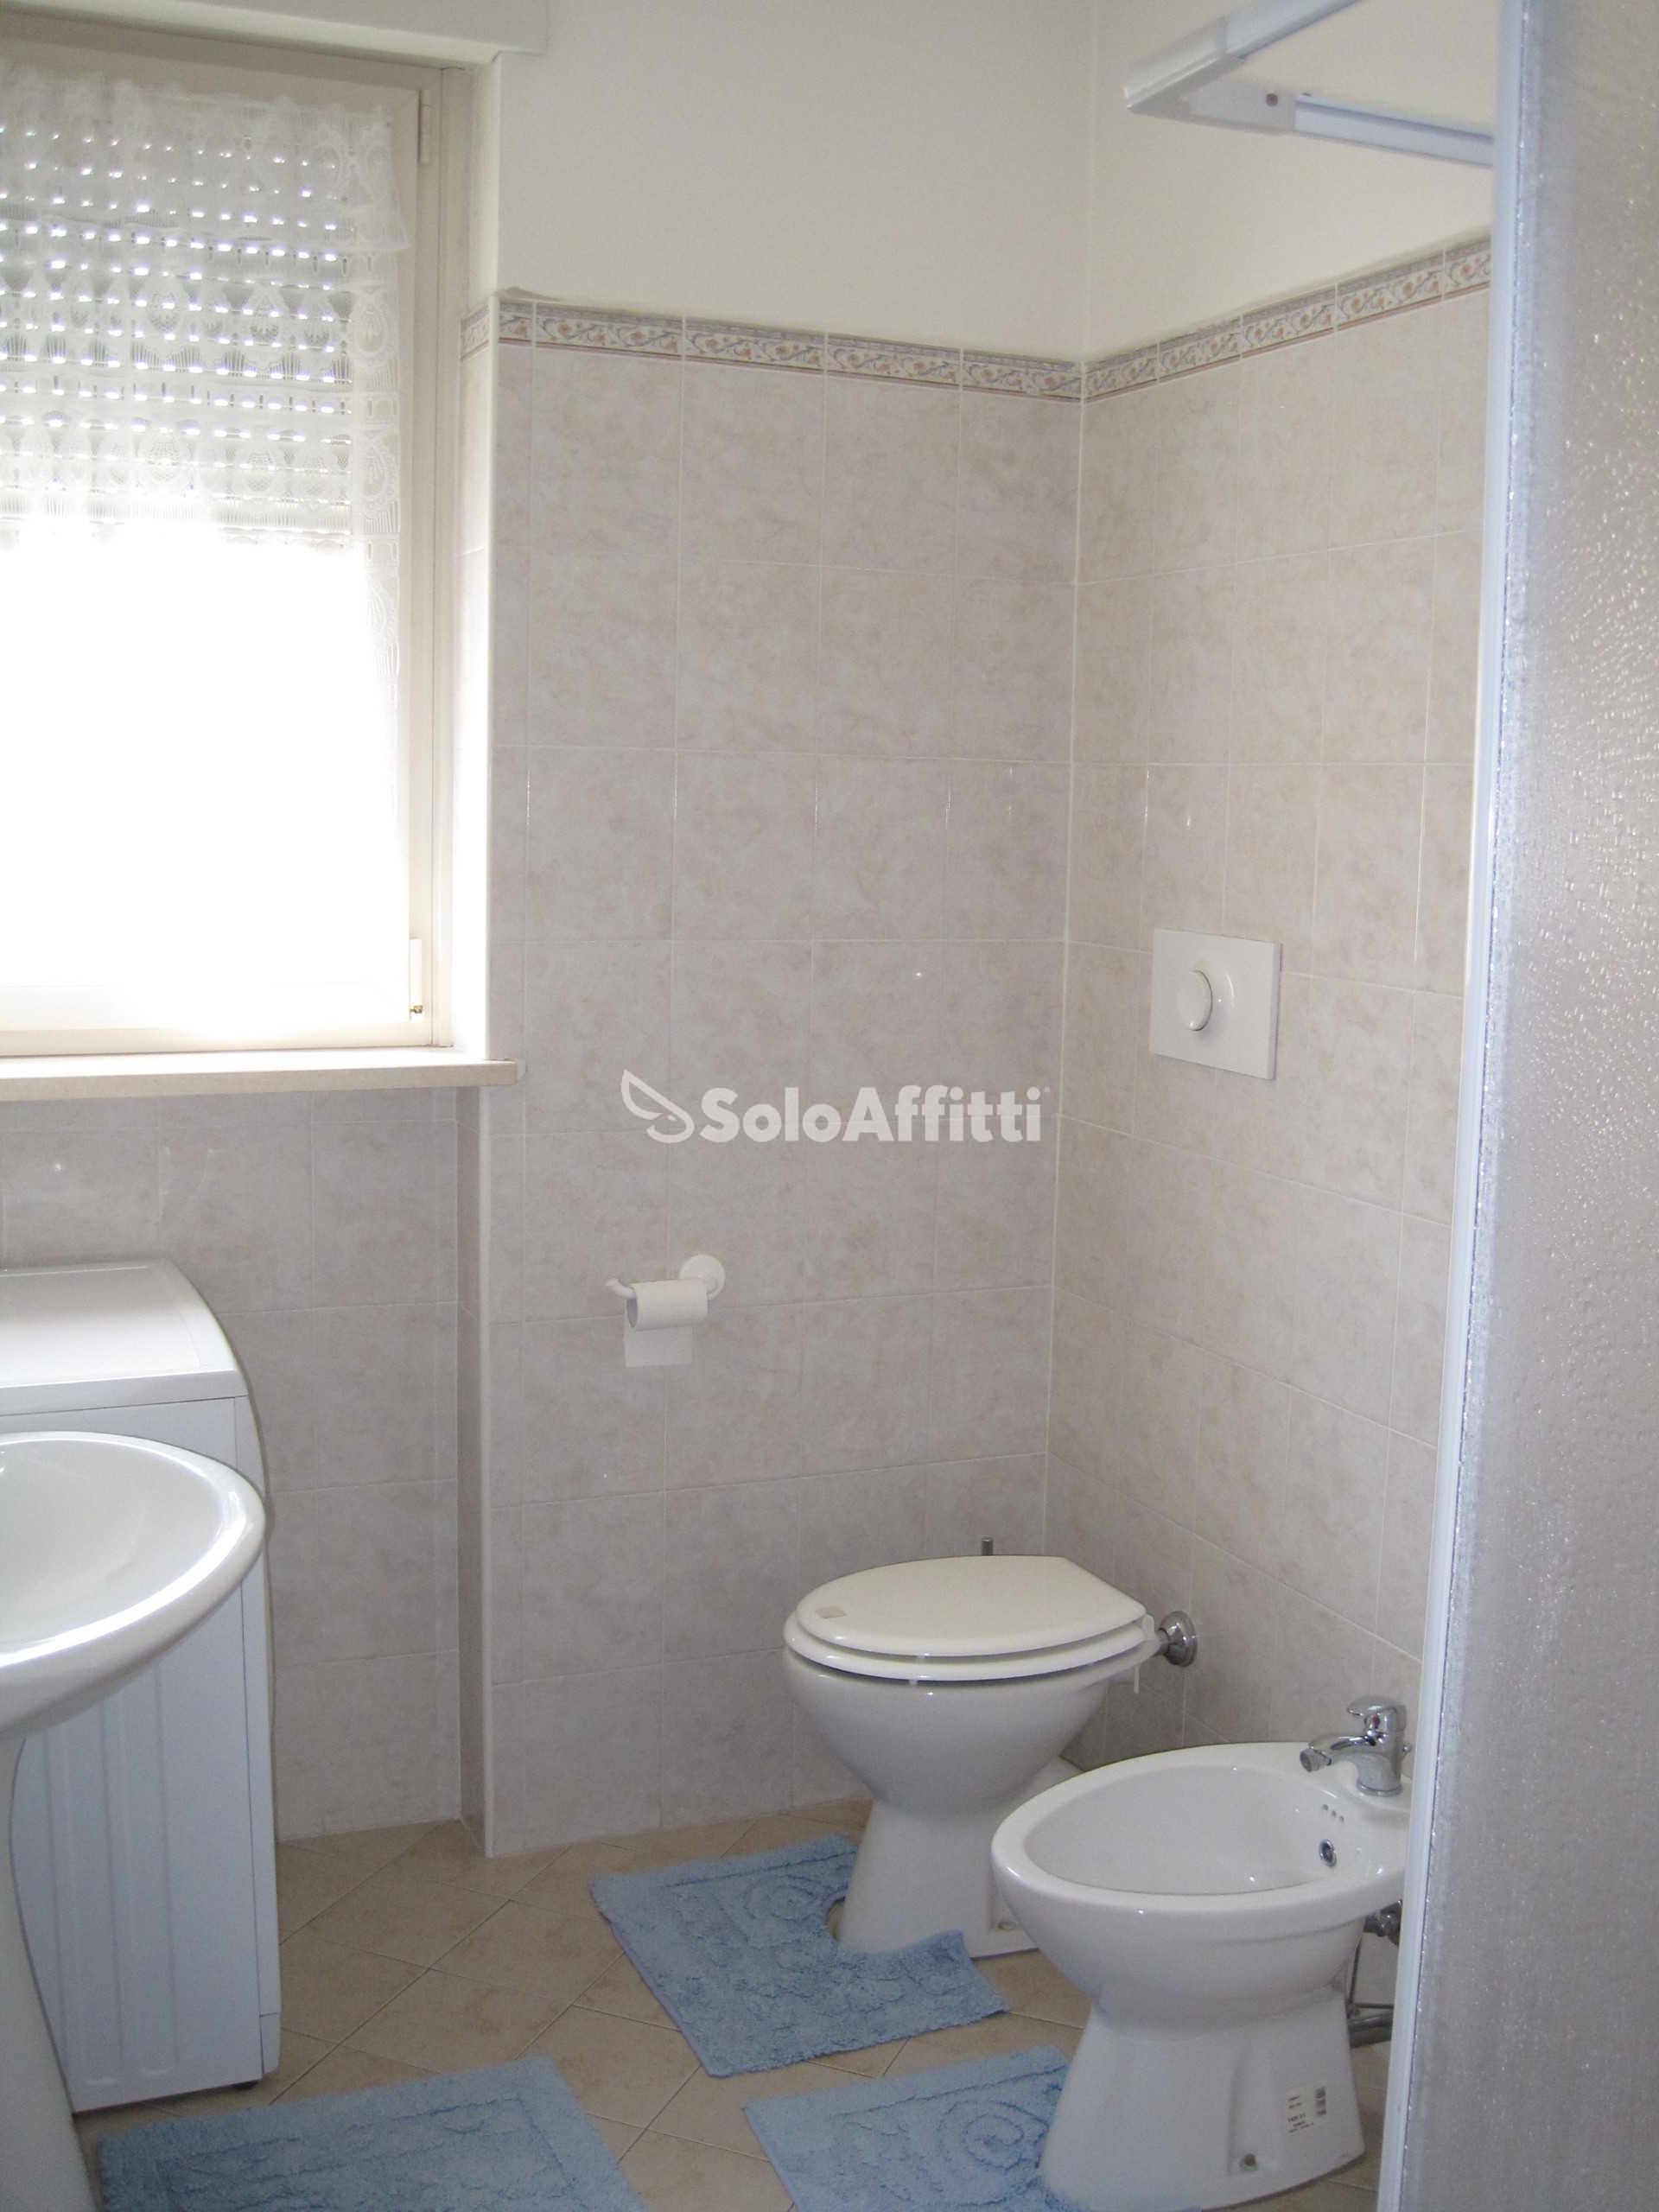 Affitto appartamento monolocale arredato 45 mq for Appartamento arredato milano